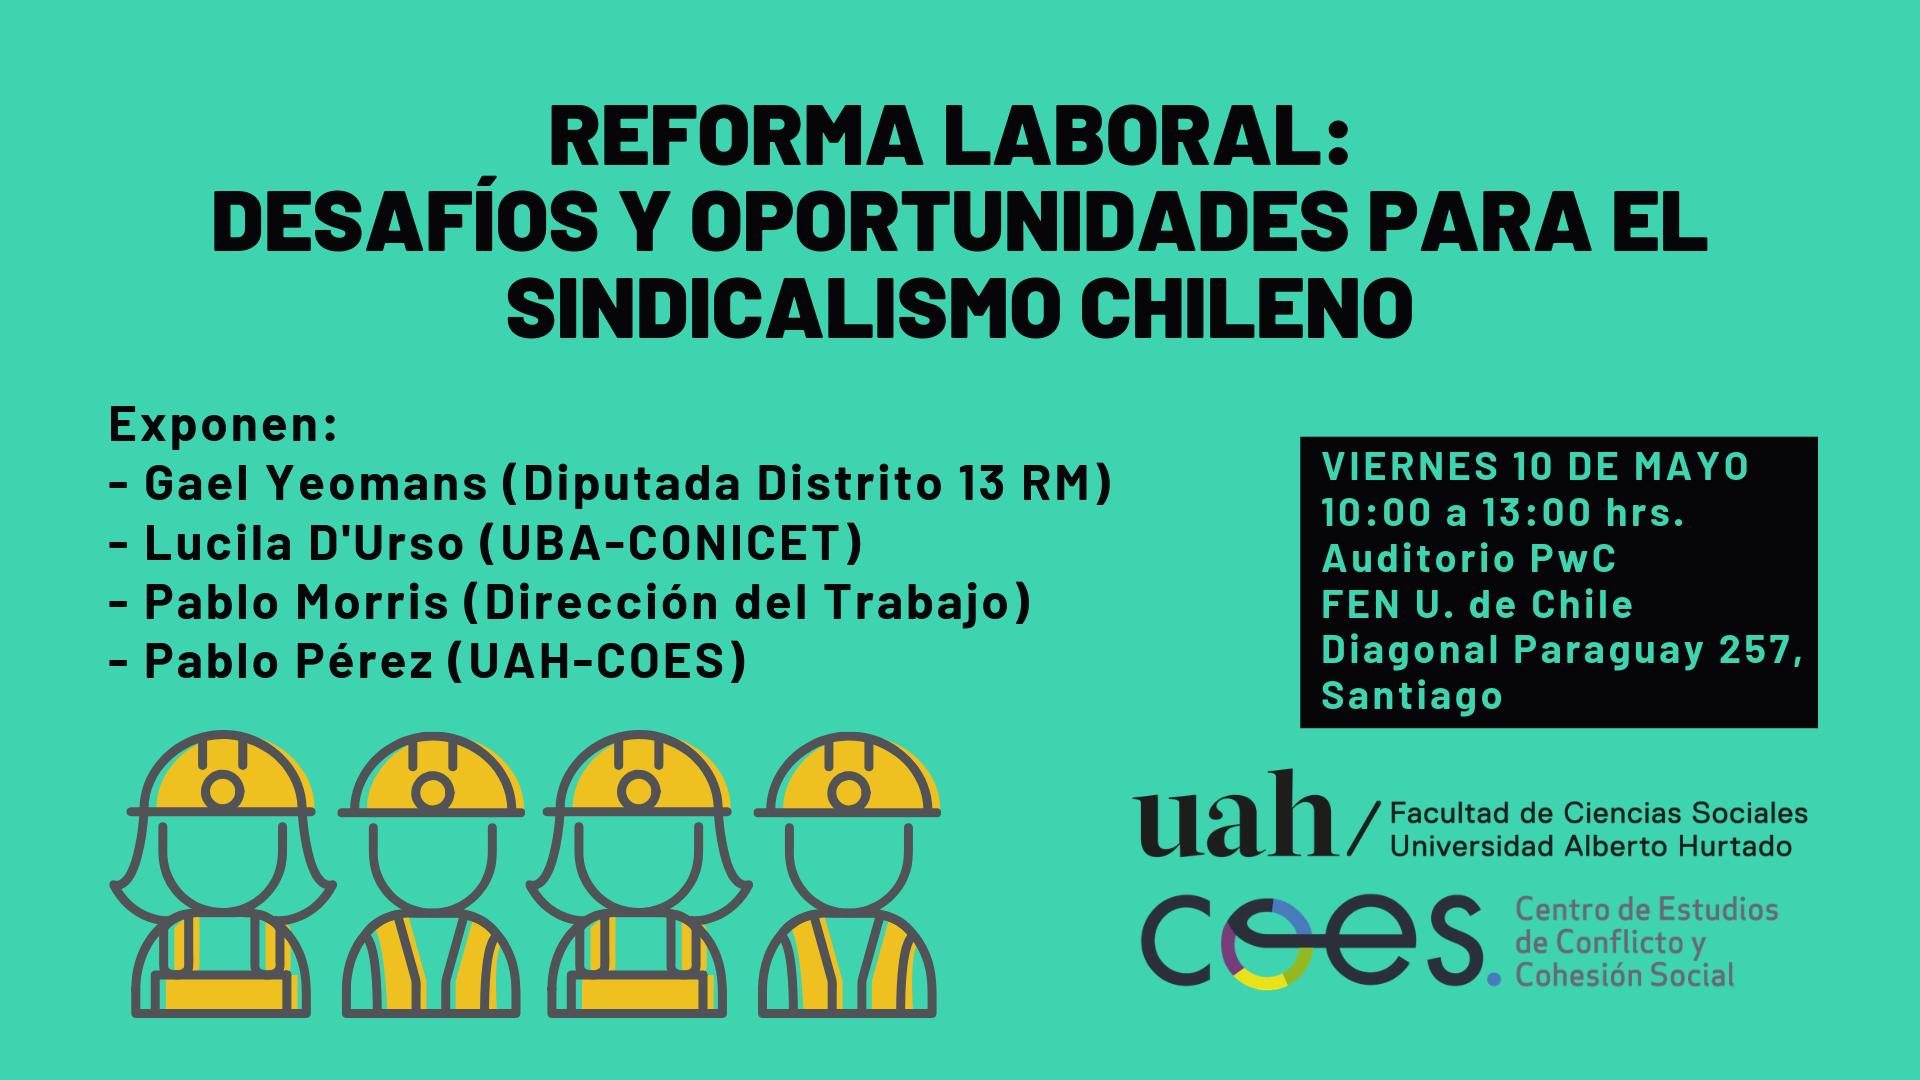 reforma-laboral-1